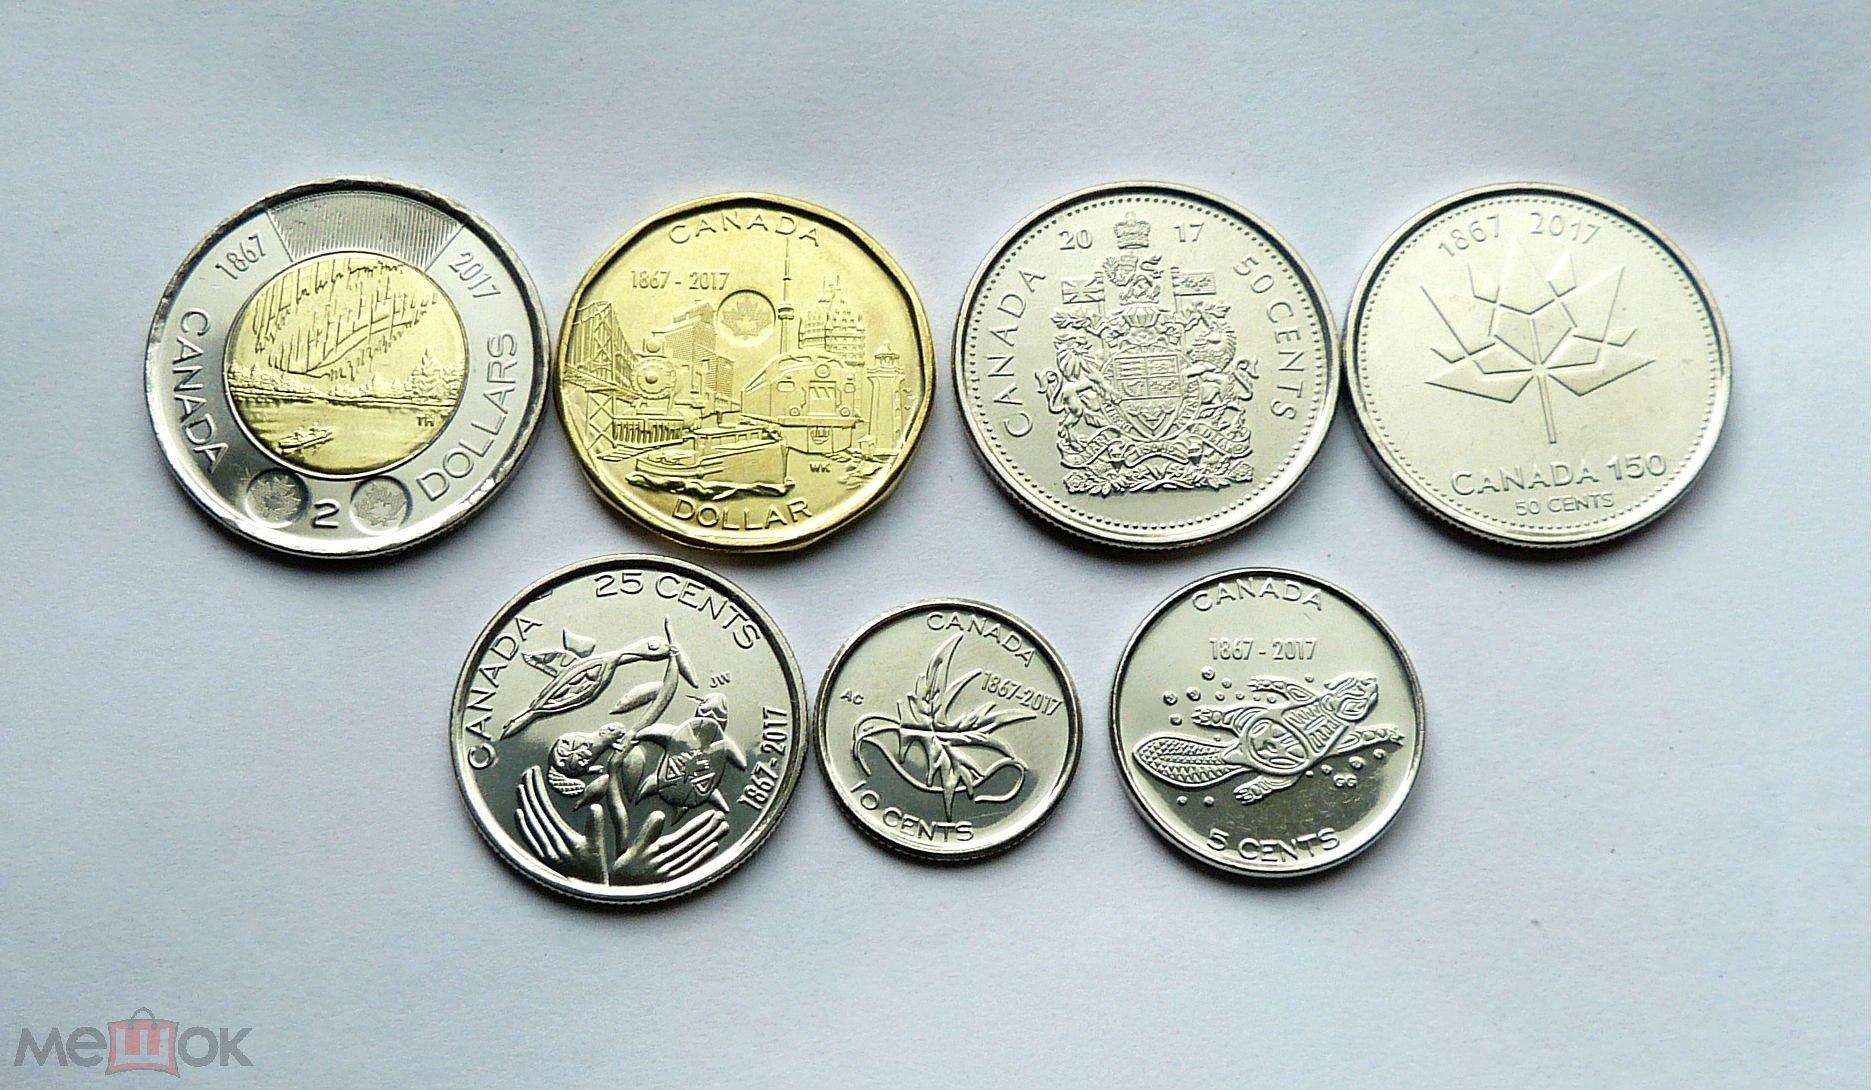 Канада 150 лет конфедерации 2017 набор монет монета 10 руб 2011 года стоимость